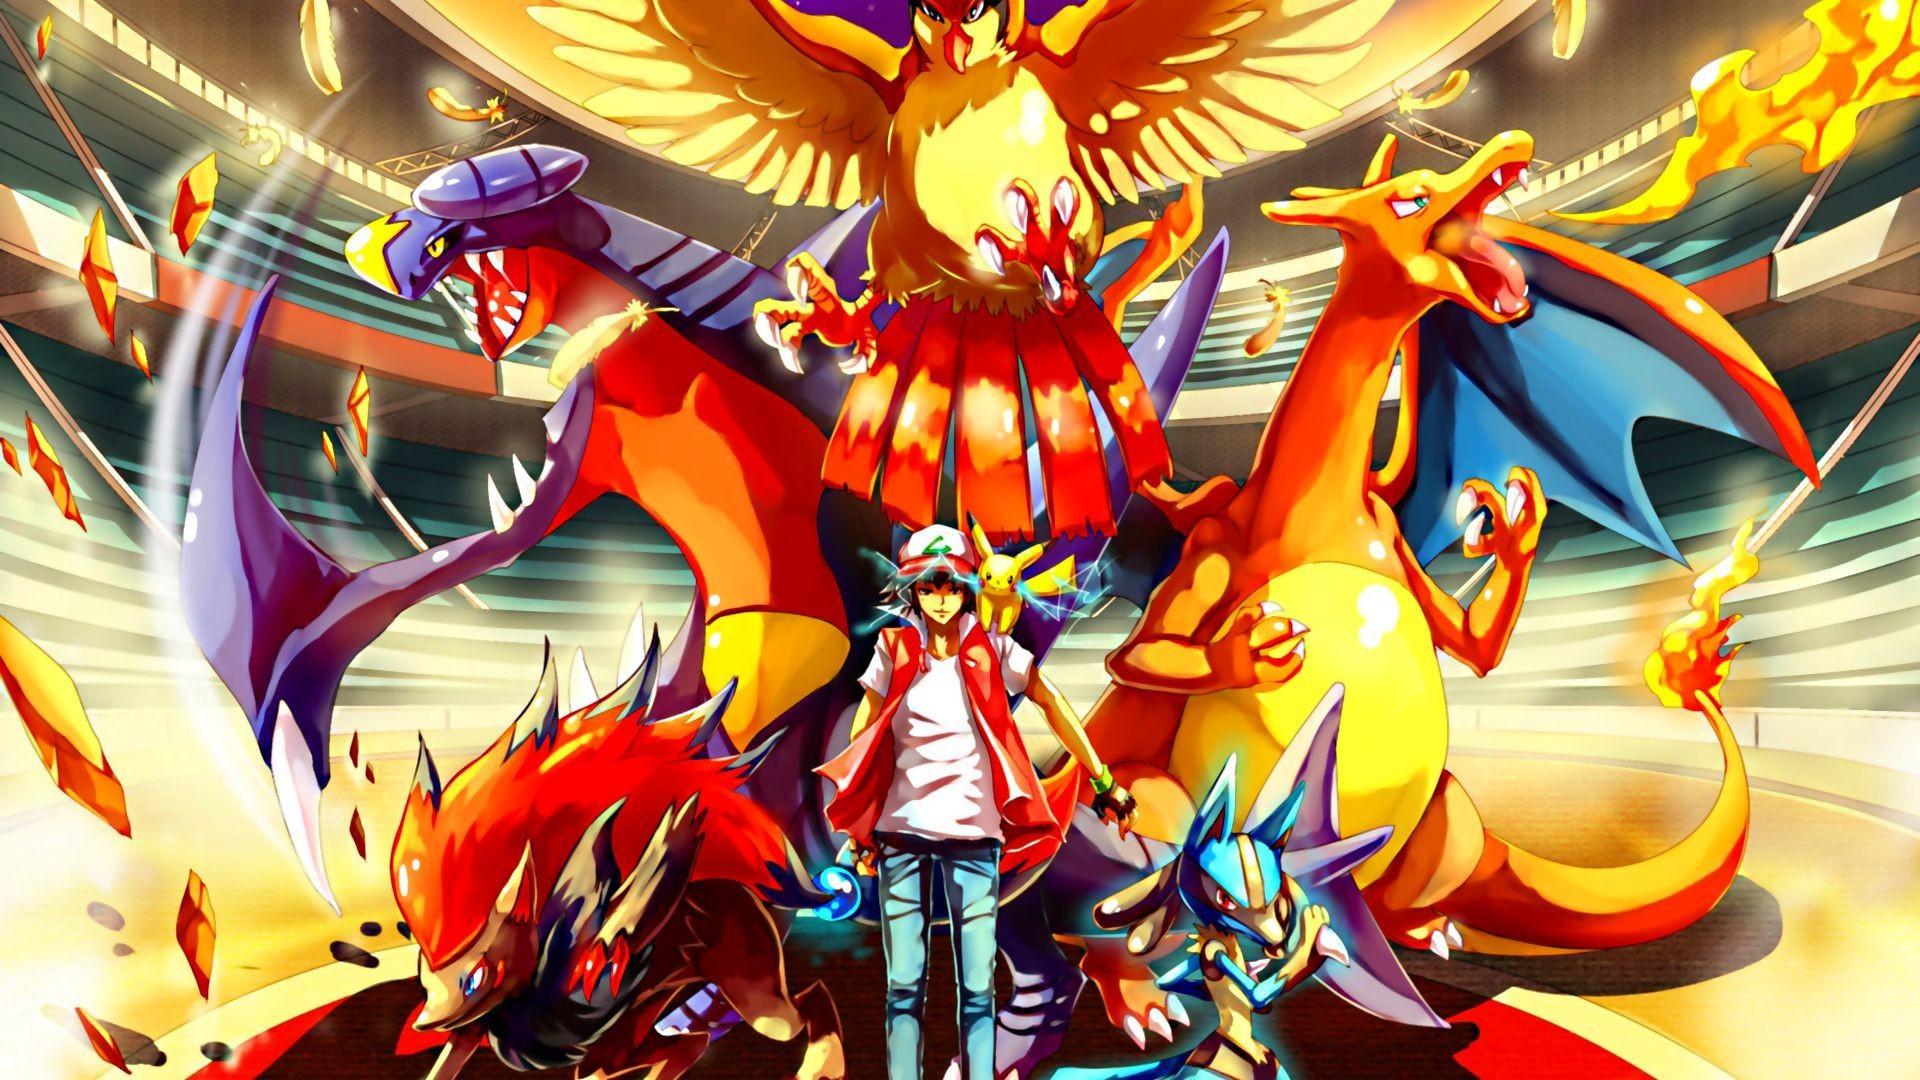 Res: 1920x1080, pokemon wallpaper all legendary 3d #379334